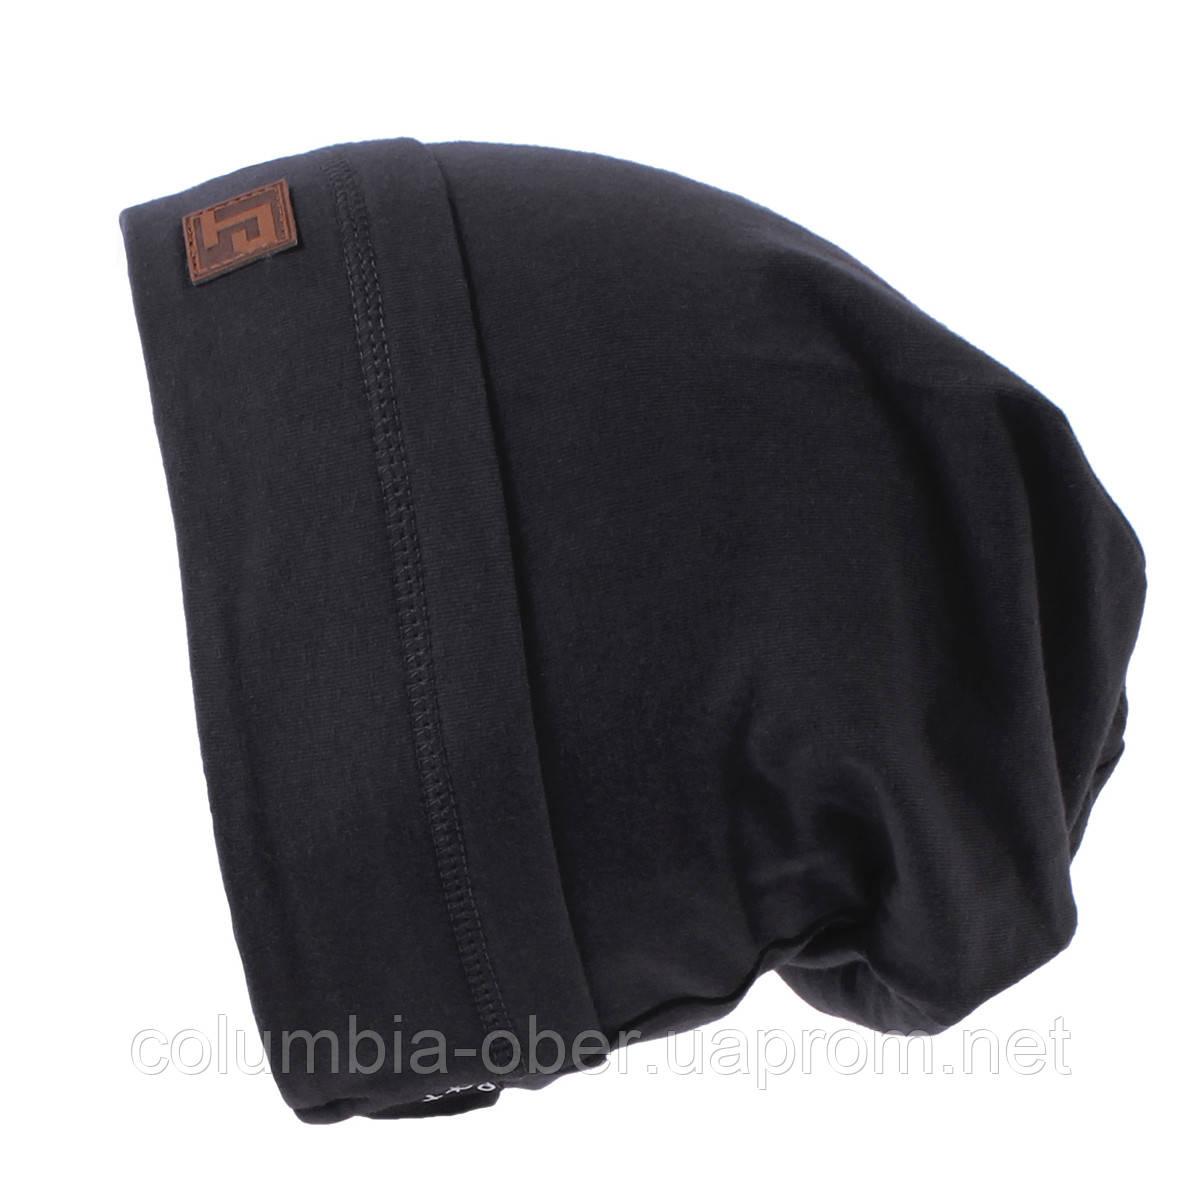 Демисезонная шапка для мальчика Peluche S18 TU 57 CEG Deep Gray. Размер 6/8.